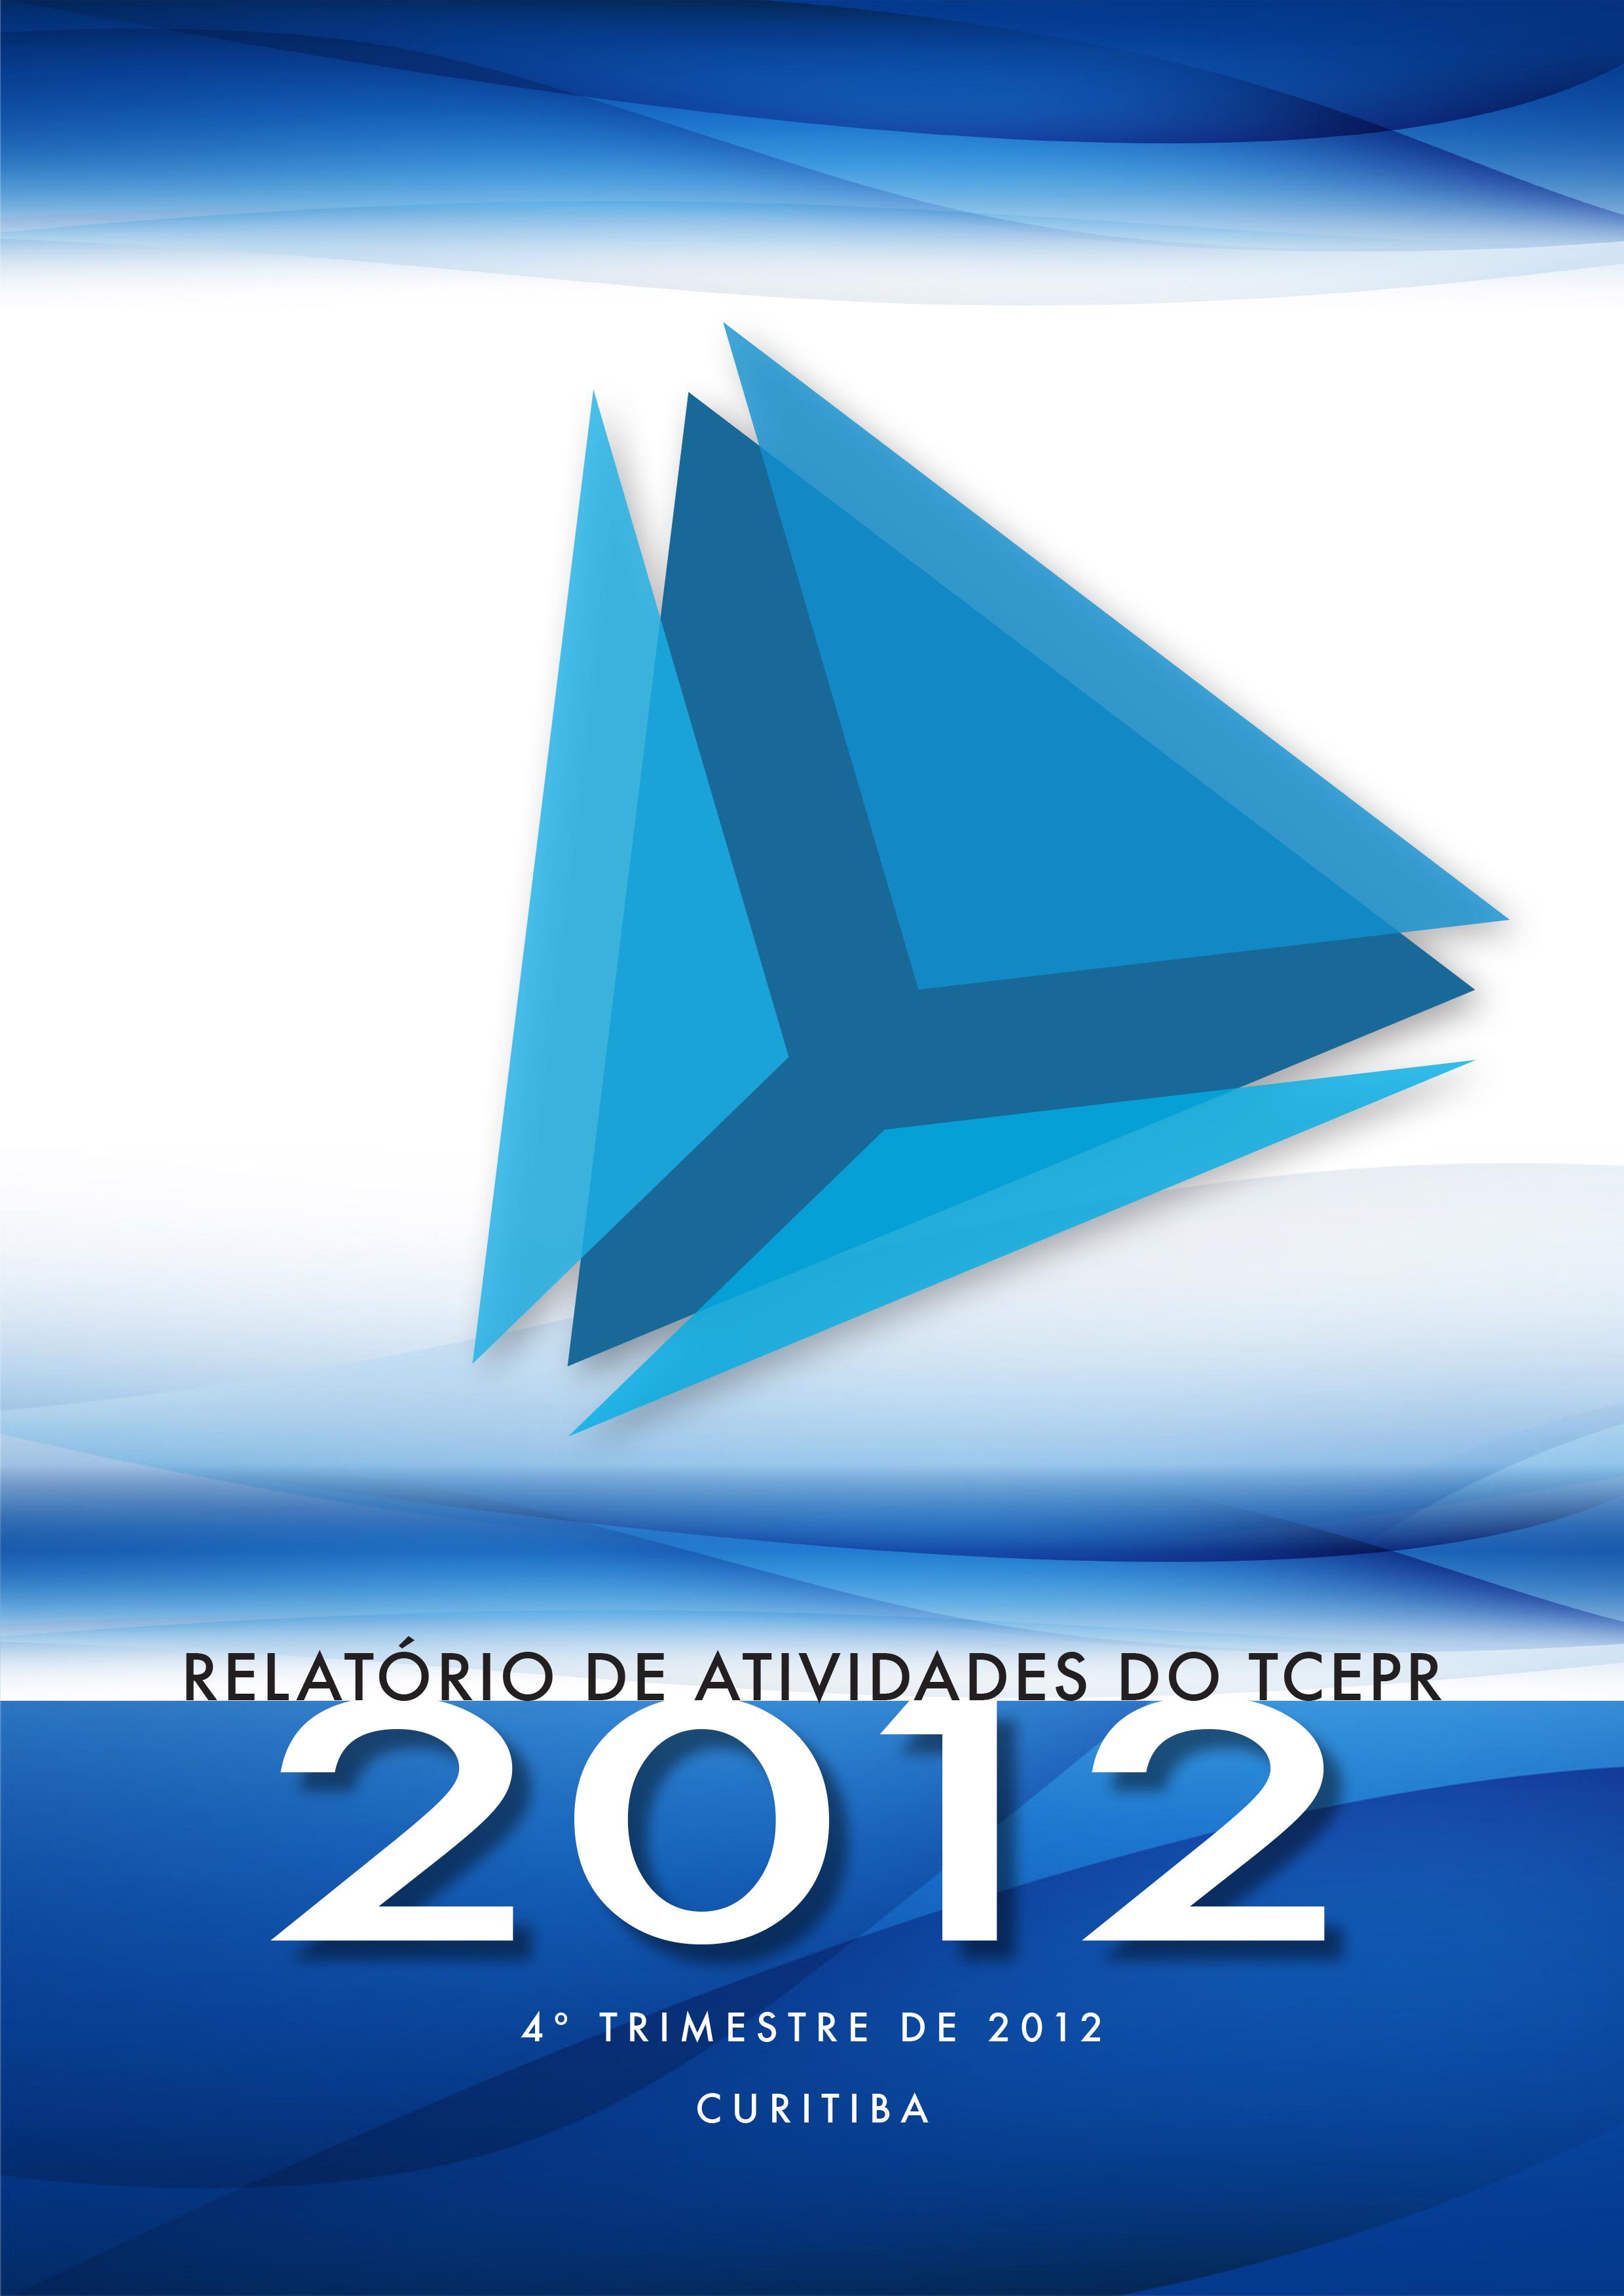 Relatório de Atividades - 4º Trimestre de 2012